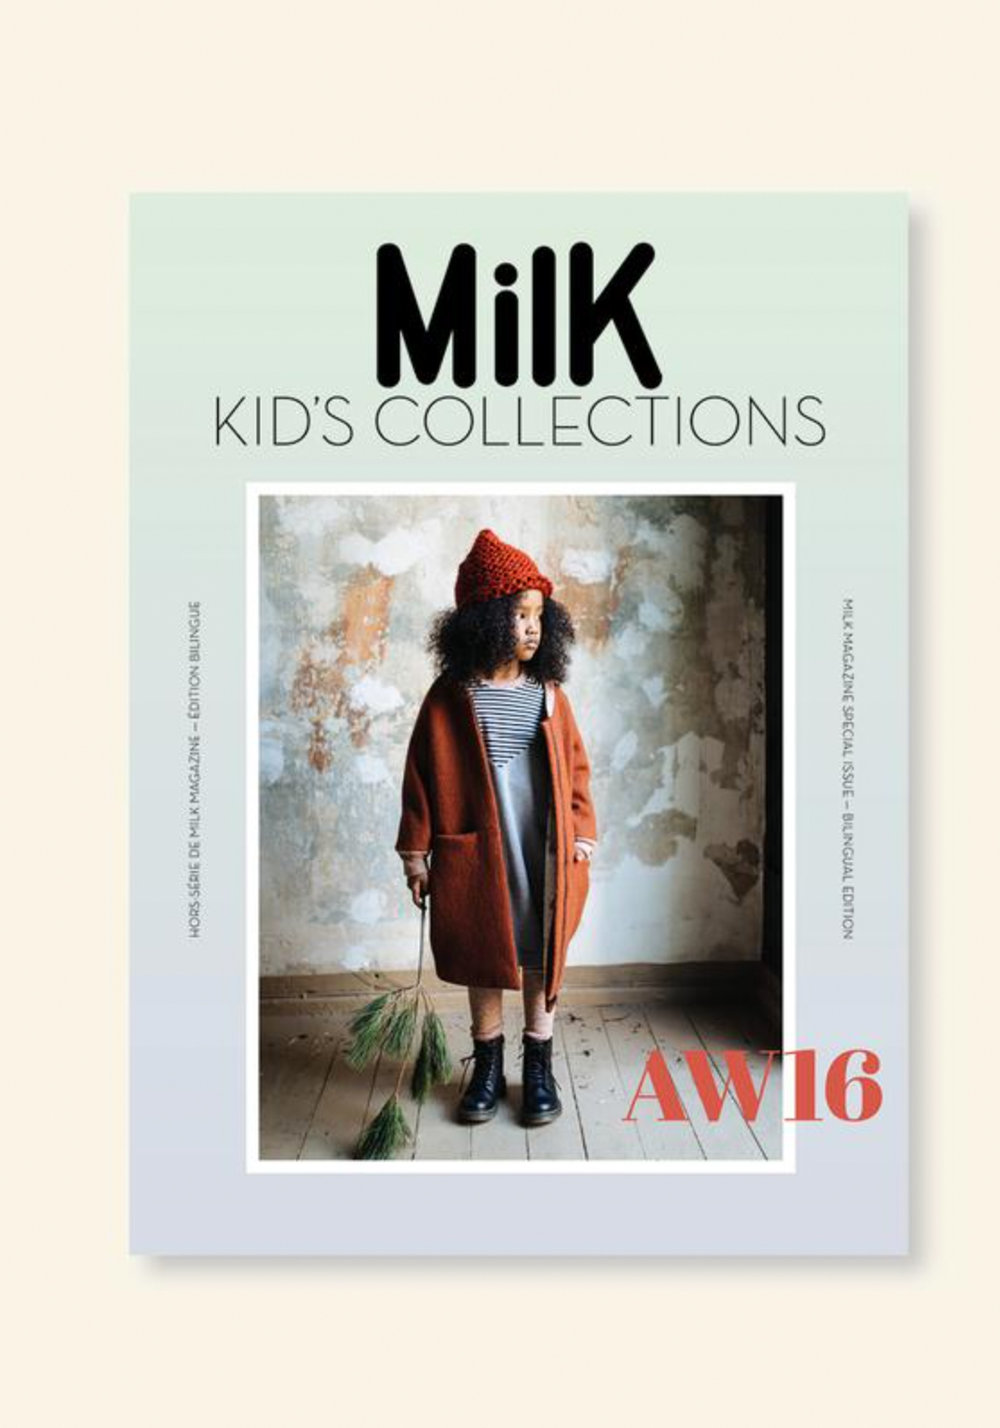 MilkCover-1.jpg